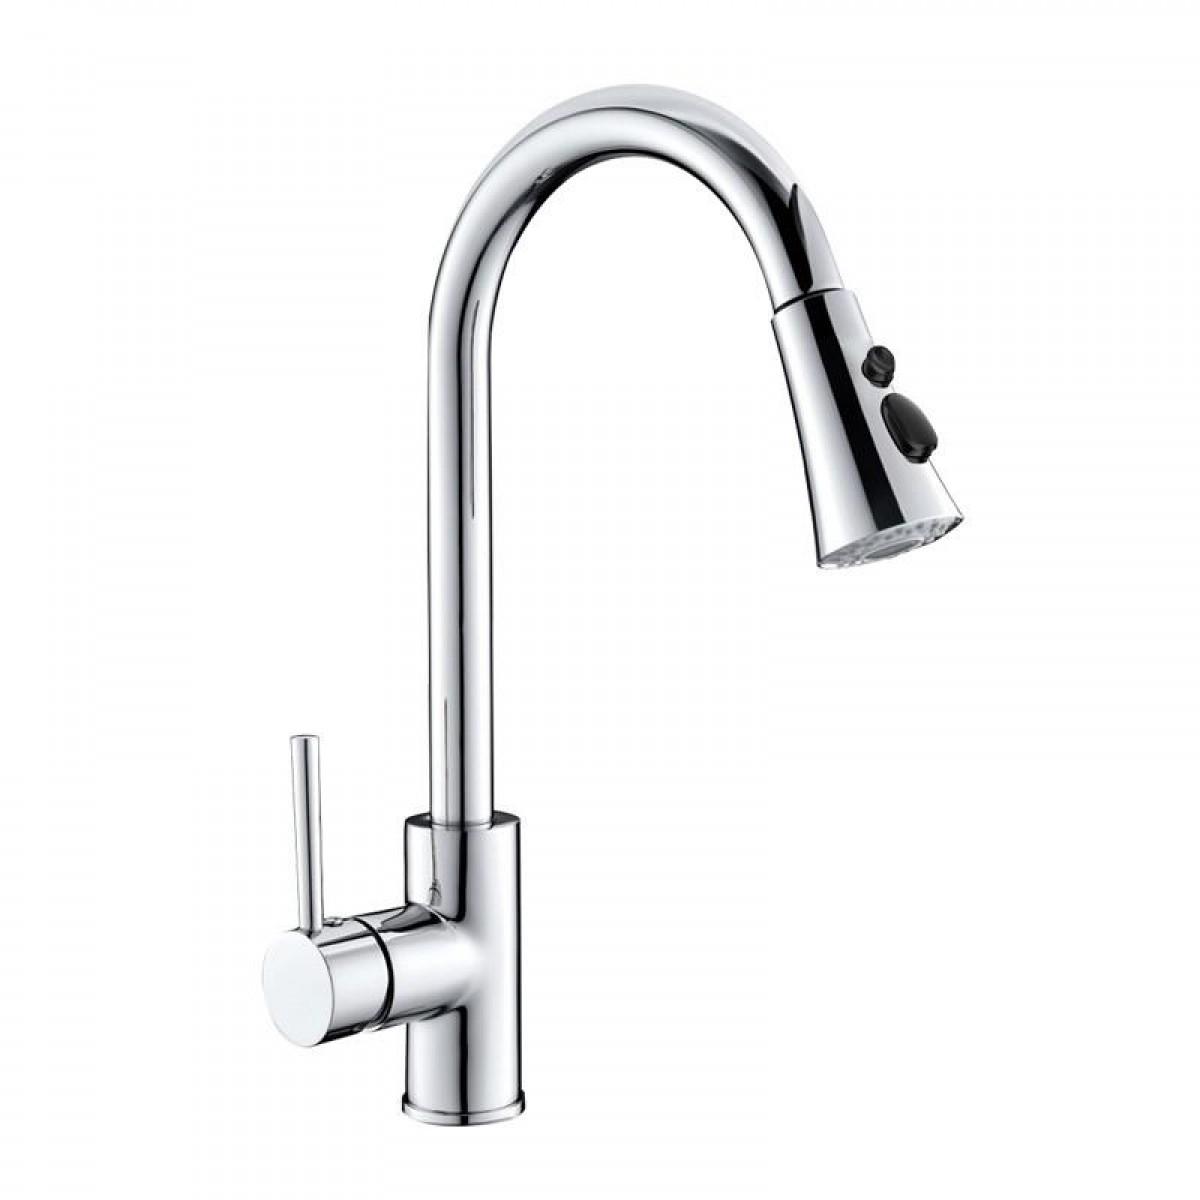 慢道卫浴 家用洗手盆洗脸盆抽取式厨房龙头 CF2002